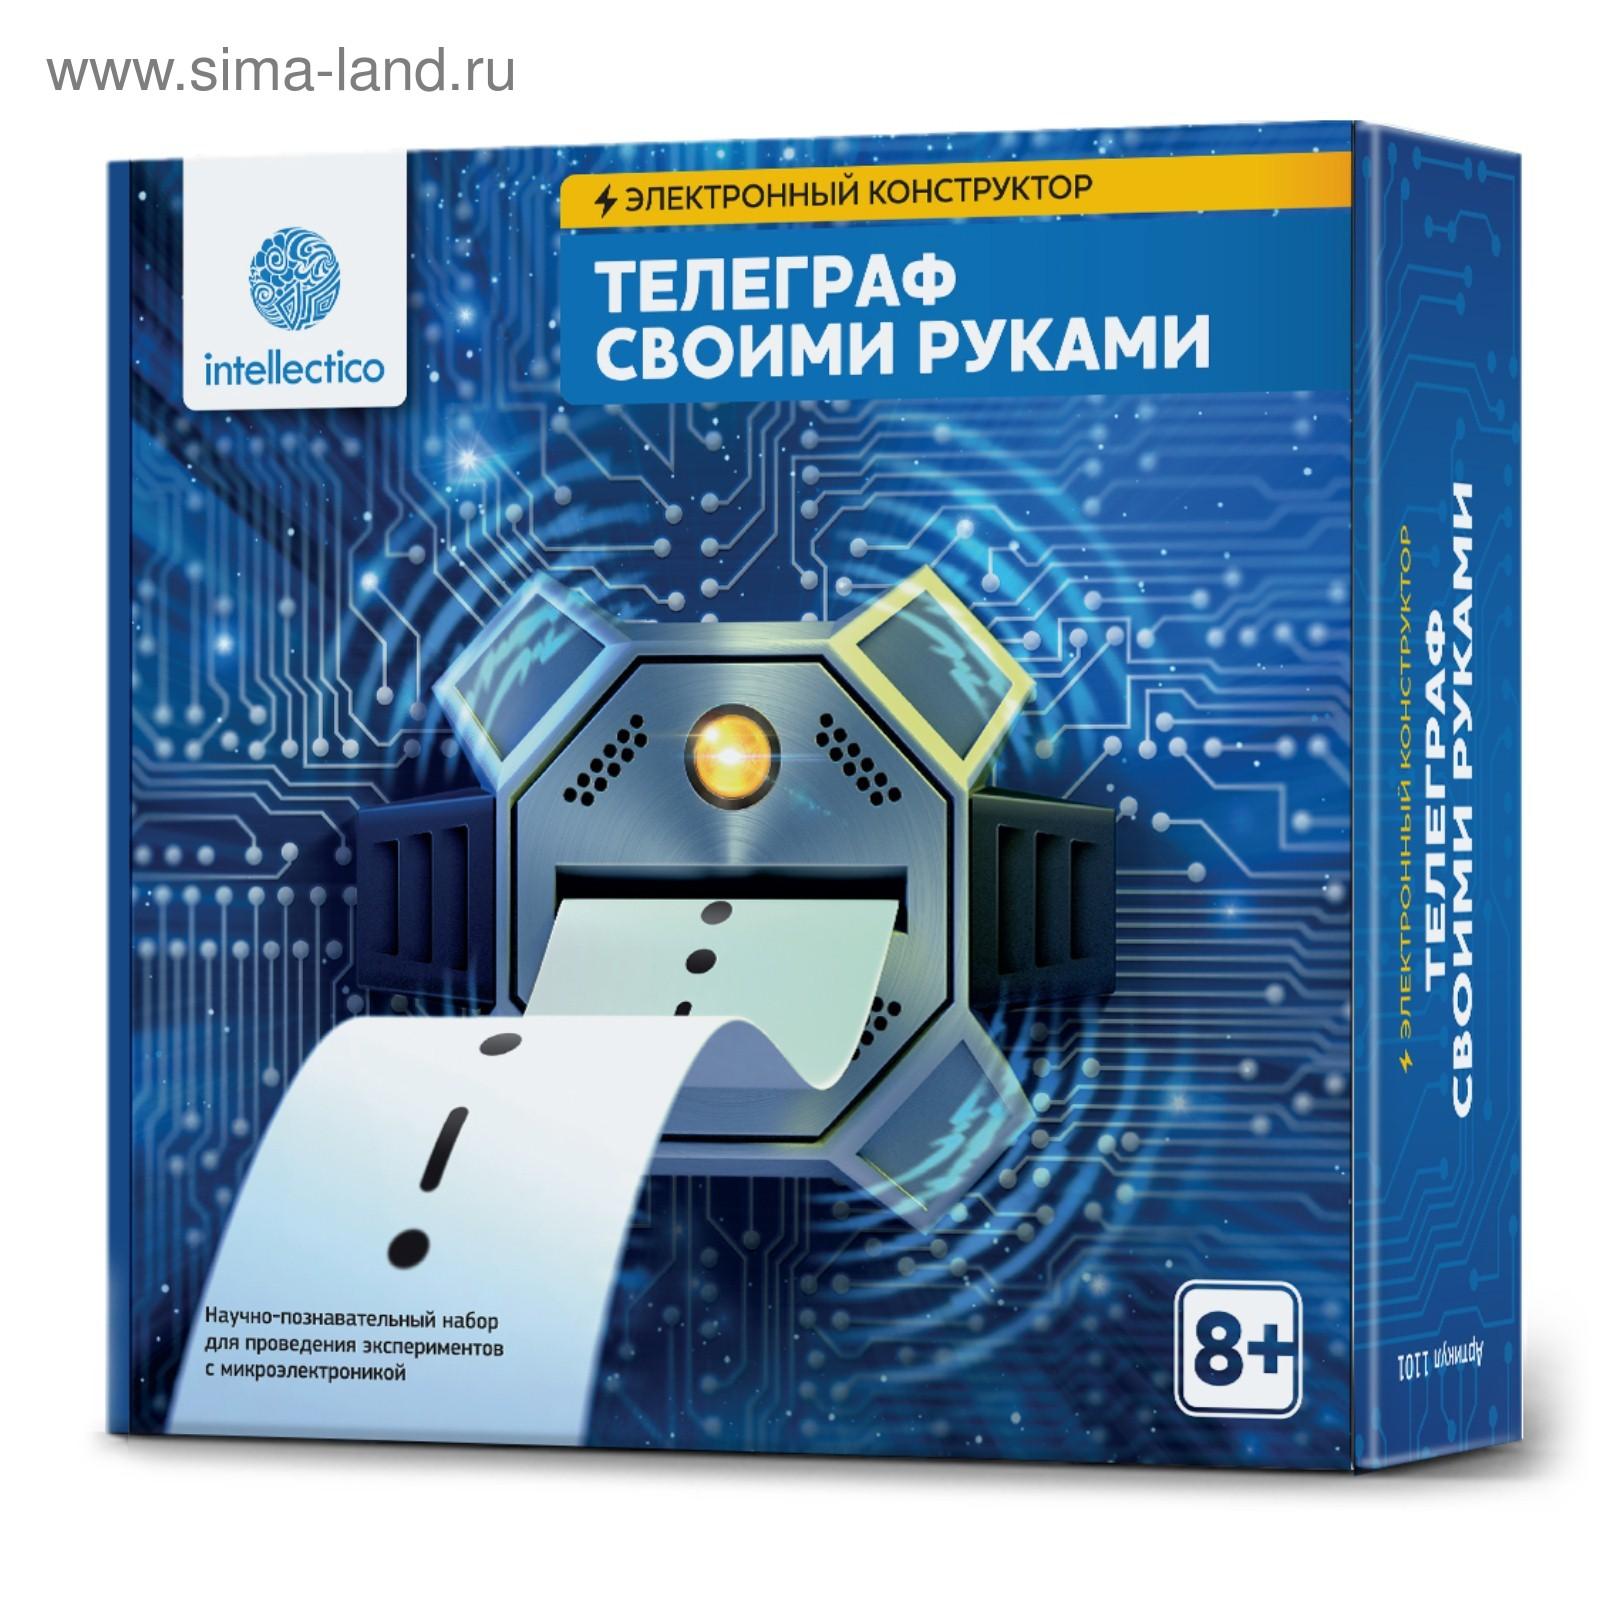 Электронный конструктор «Телеграф своими руками» (3999045) - Купить ... c066536c3a7